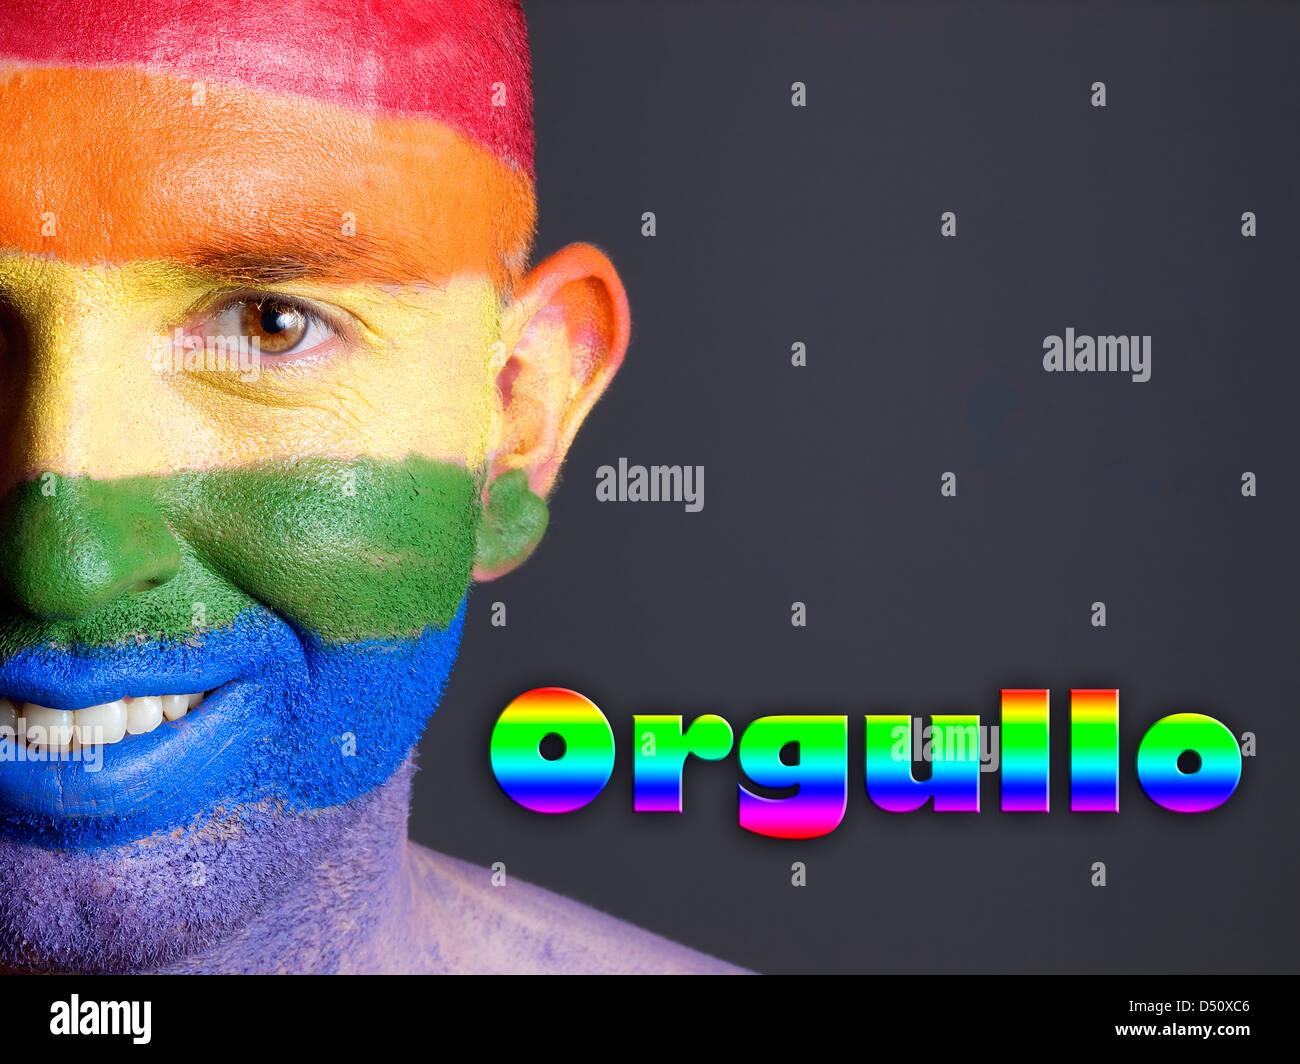 Hombre con la bandera gay pintada en la cara sonriendo y. La Palabra Stampa 'orgullo' esta escrita en lado Immagini Stock